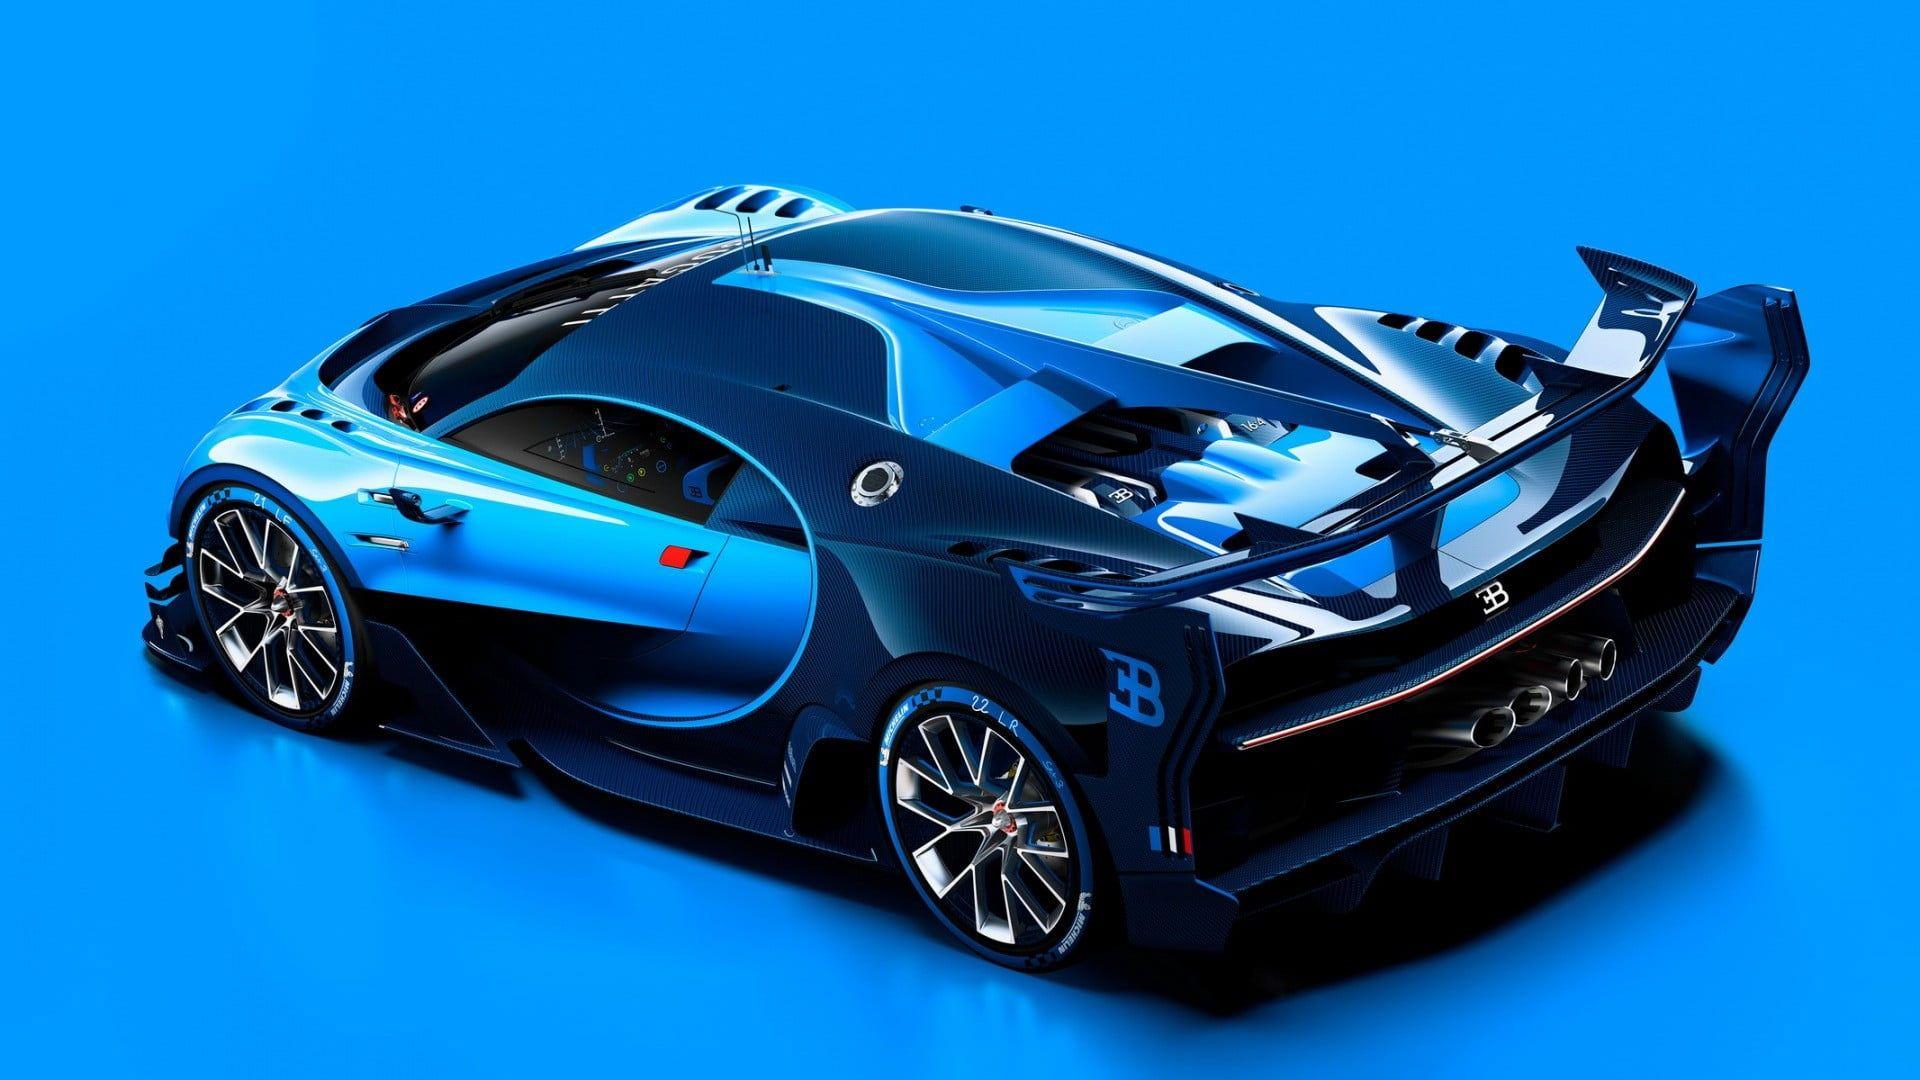 Black And Blue Car Die Cast Model Car Bugatti Vision Gran Turismo 1080p Wallpaper Hdwallpaper Desktop Bugatti Bugatti Concept Bugatti Chiron